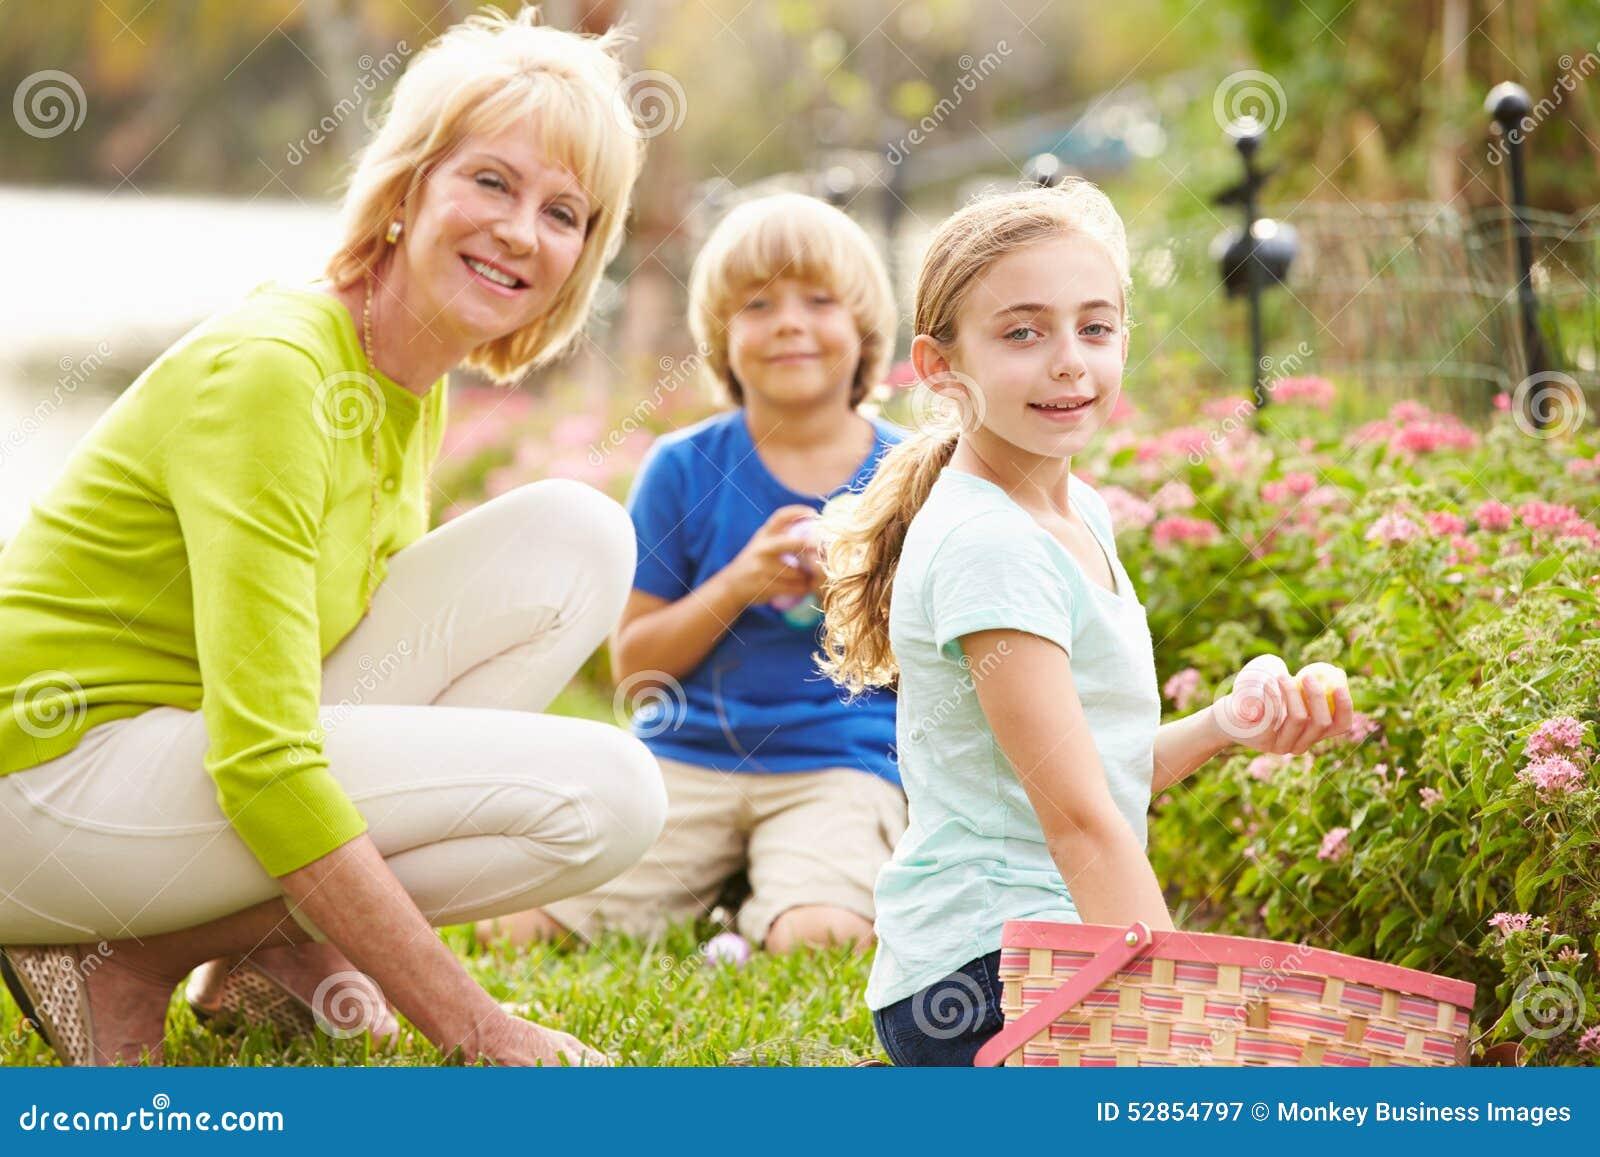 Бабушка со внуками смотреть бесплатно фото 17-207